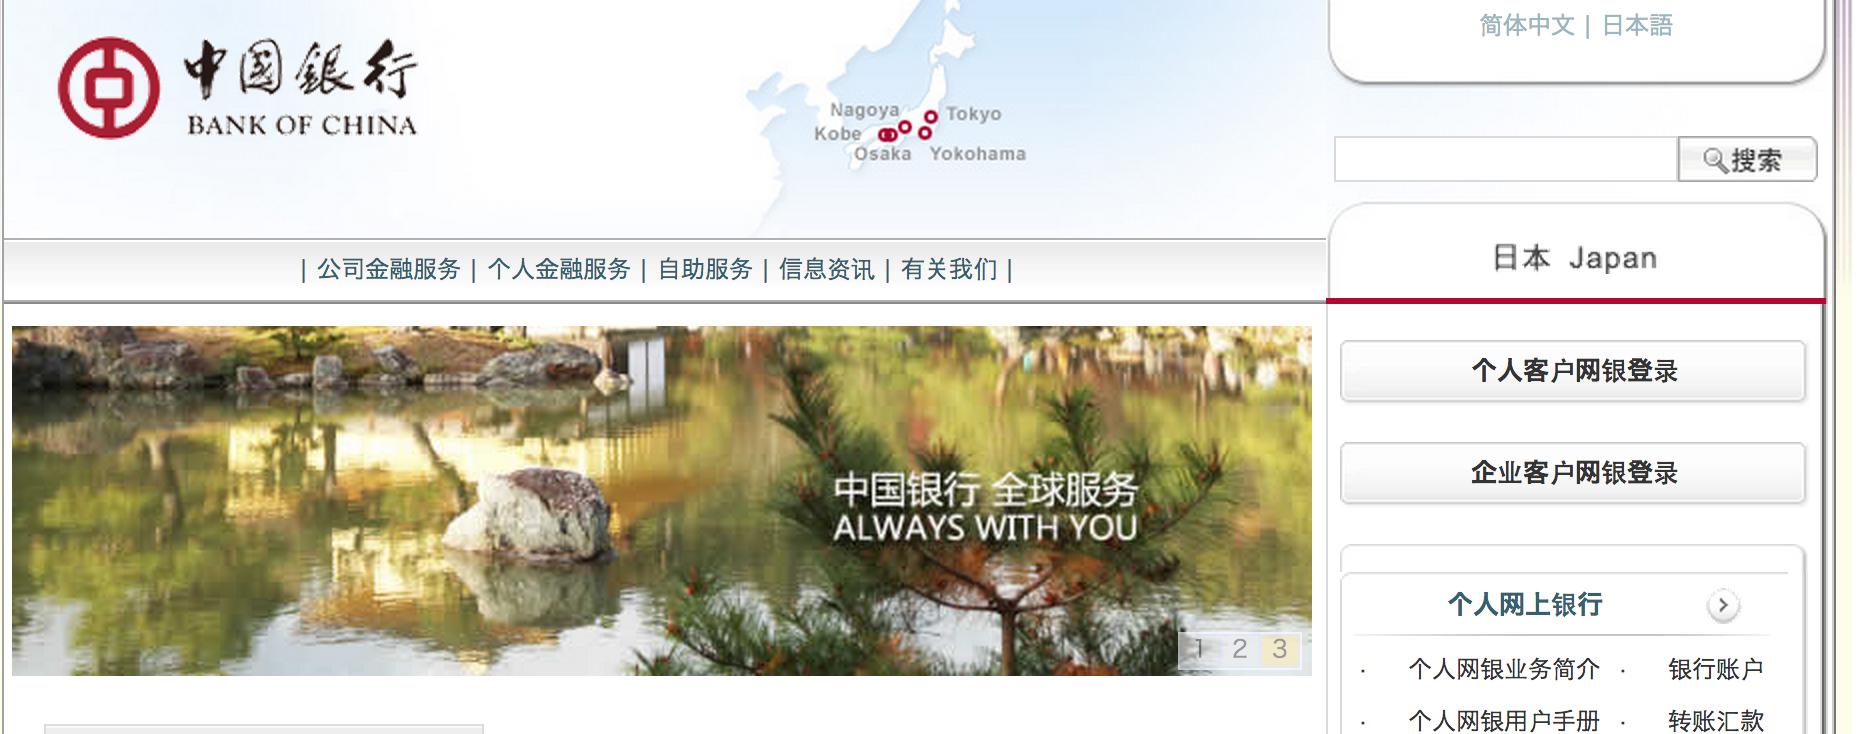 中国広州での両替は中国銀行が便利